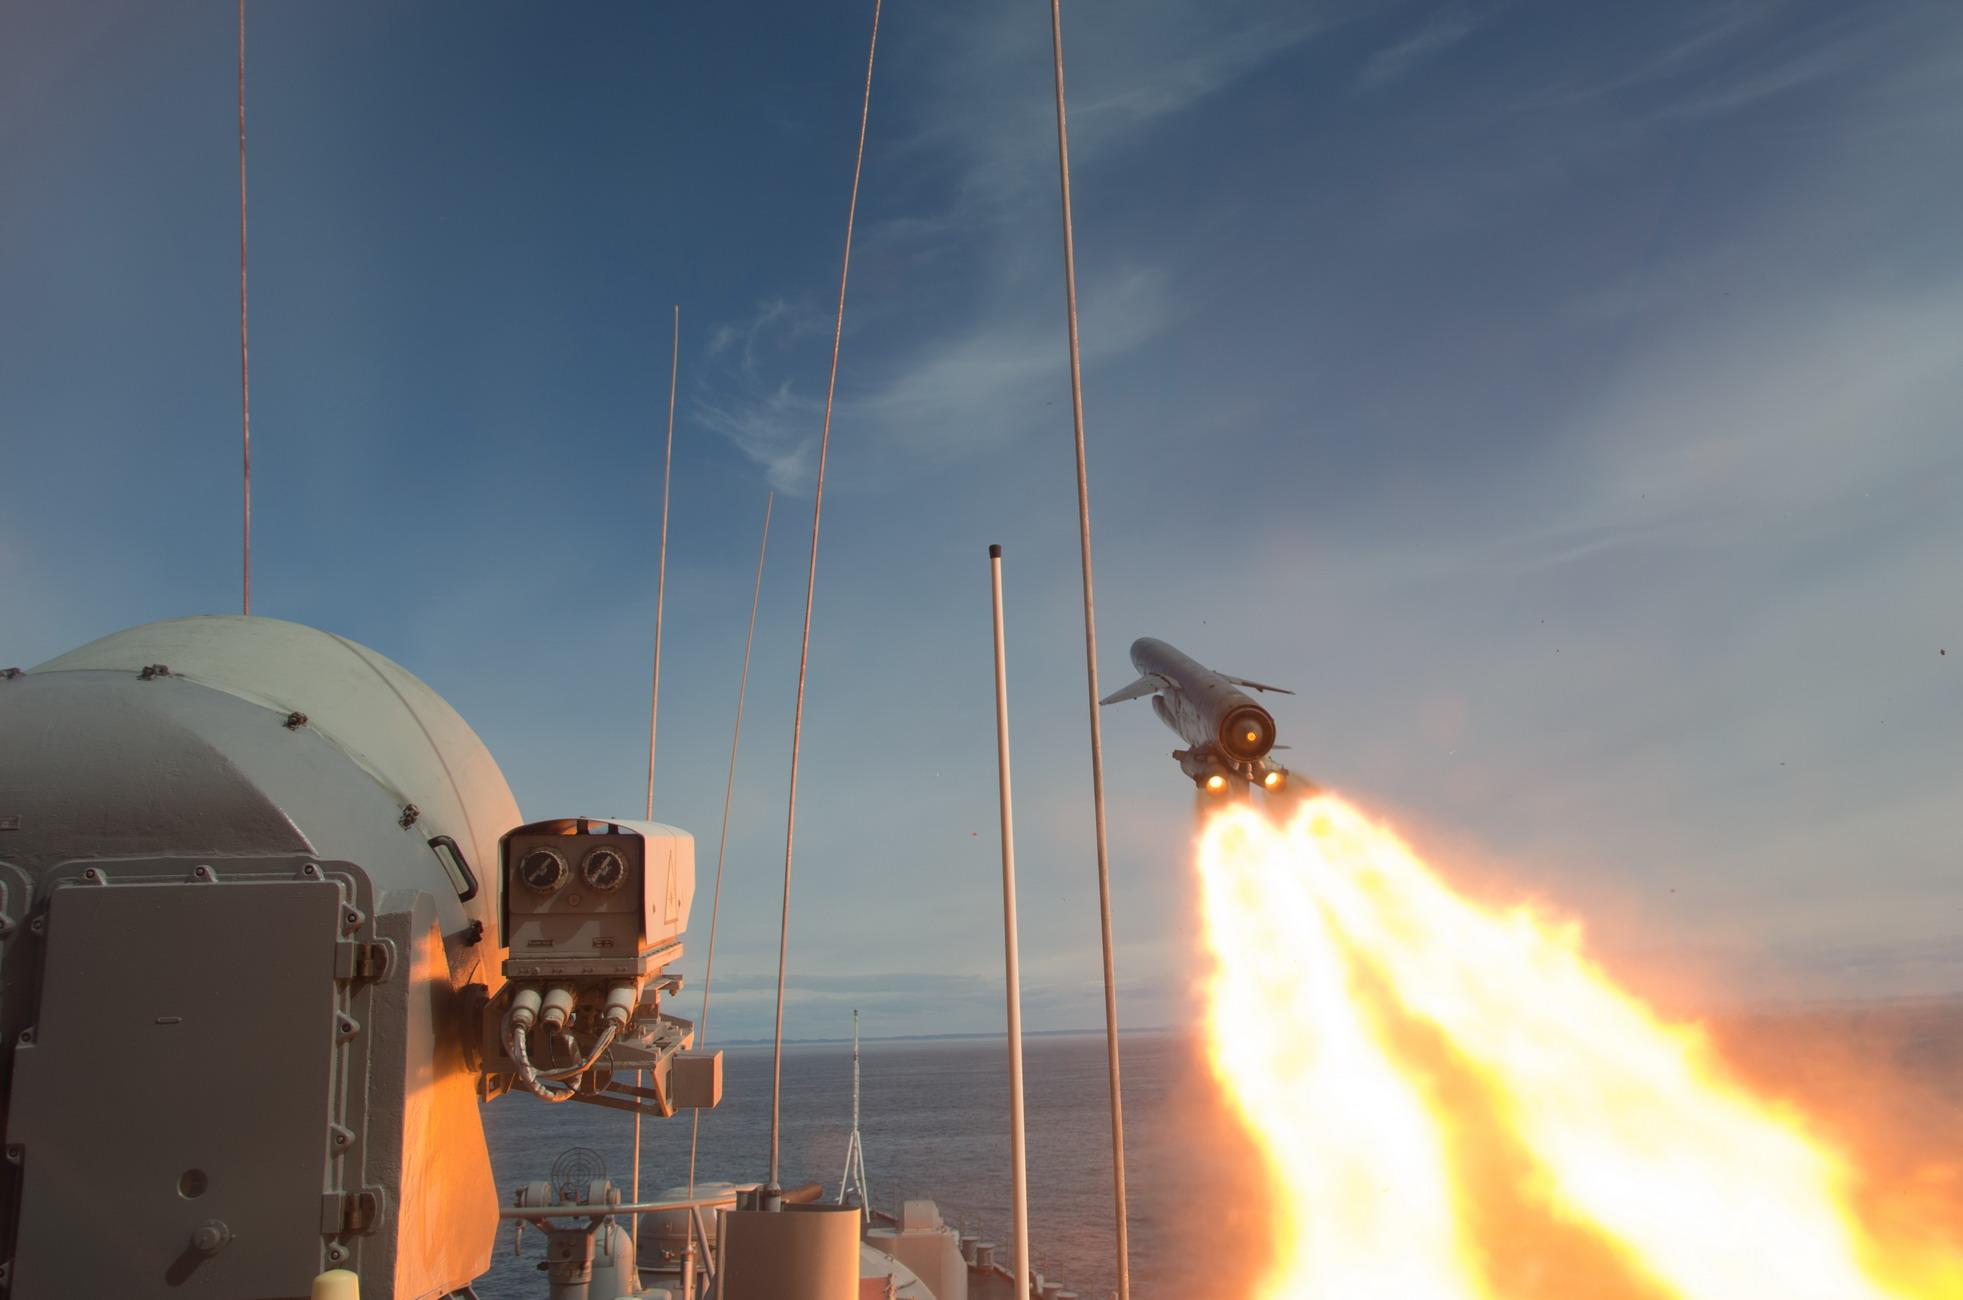 Россия провела испытание гиперзвуковой ракеты Циркон